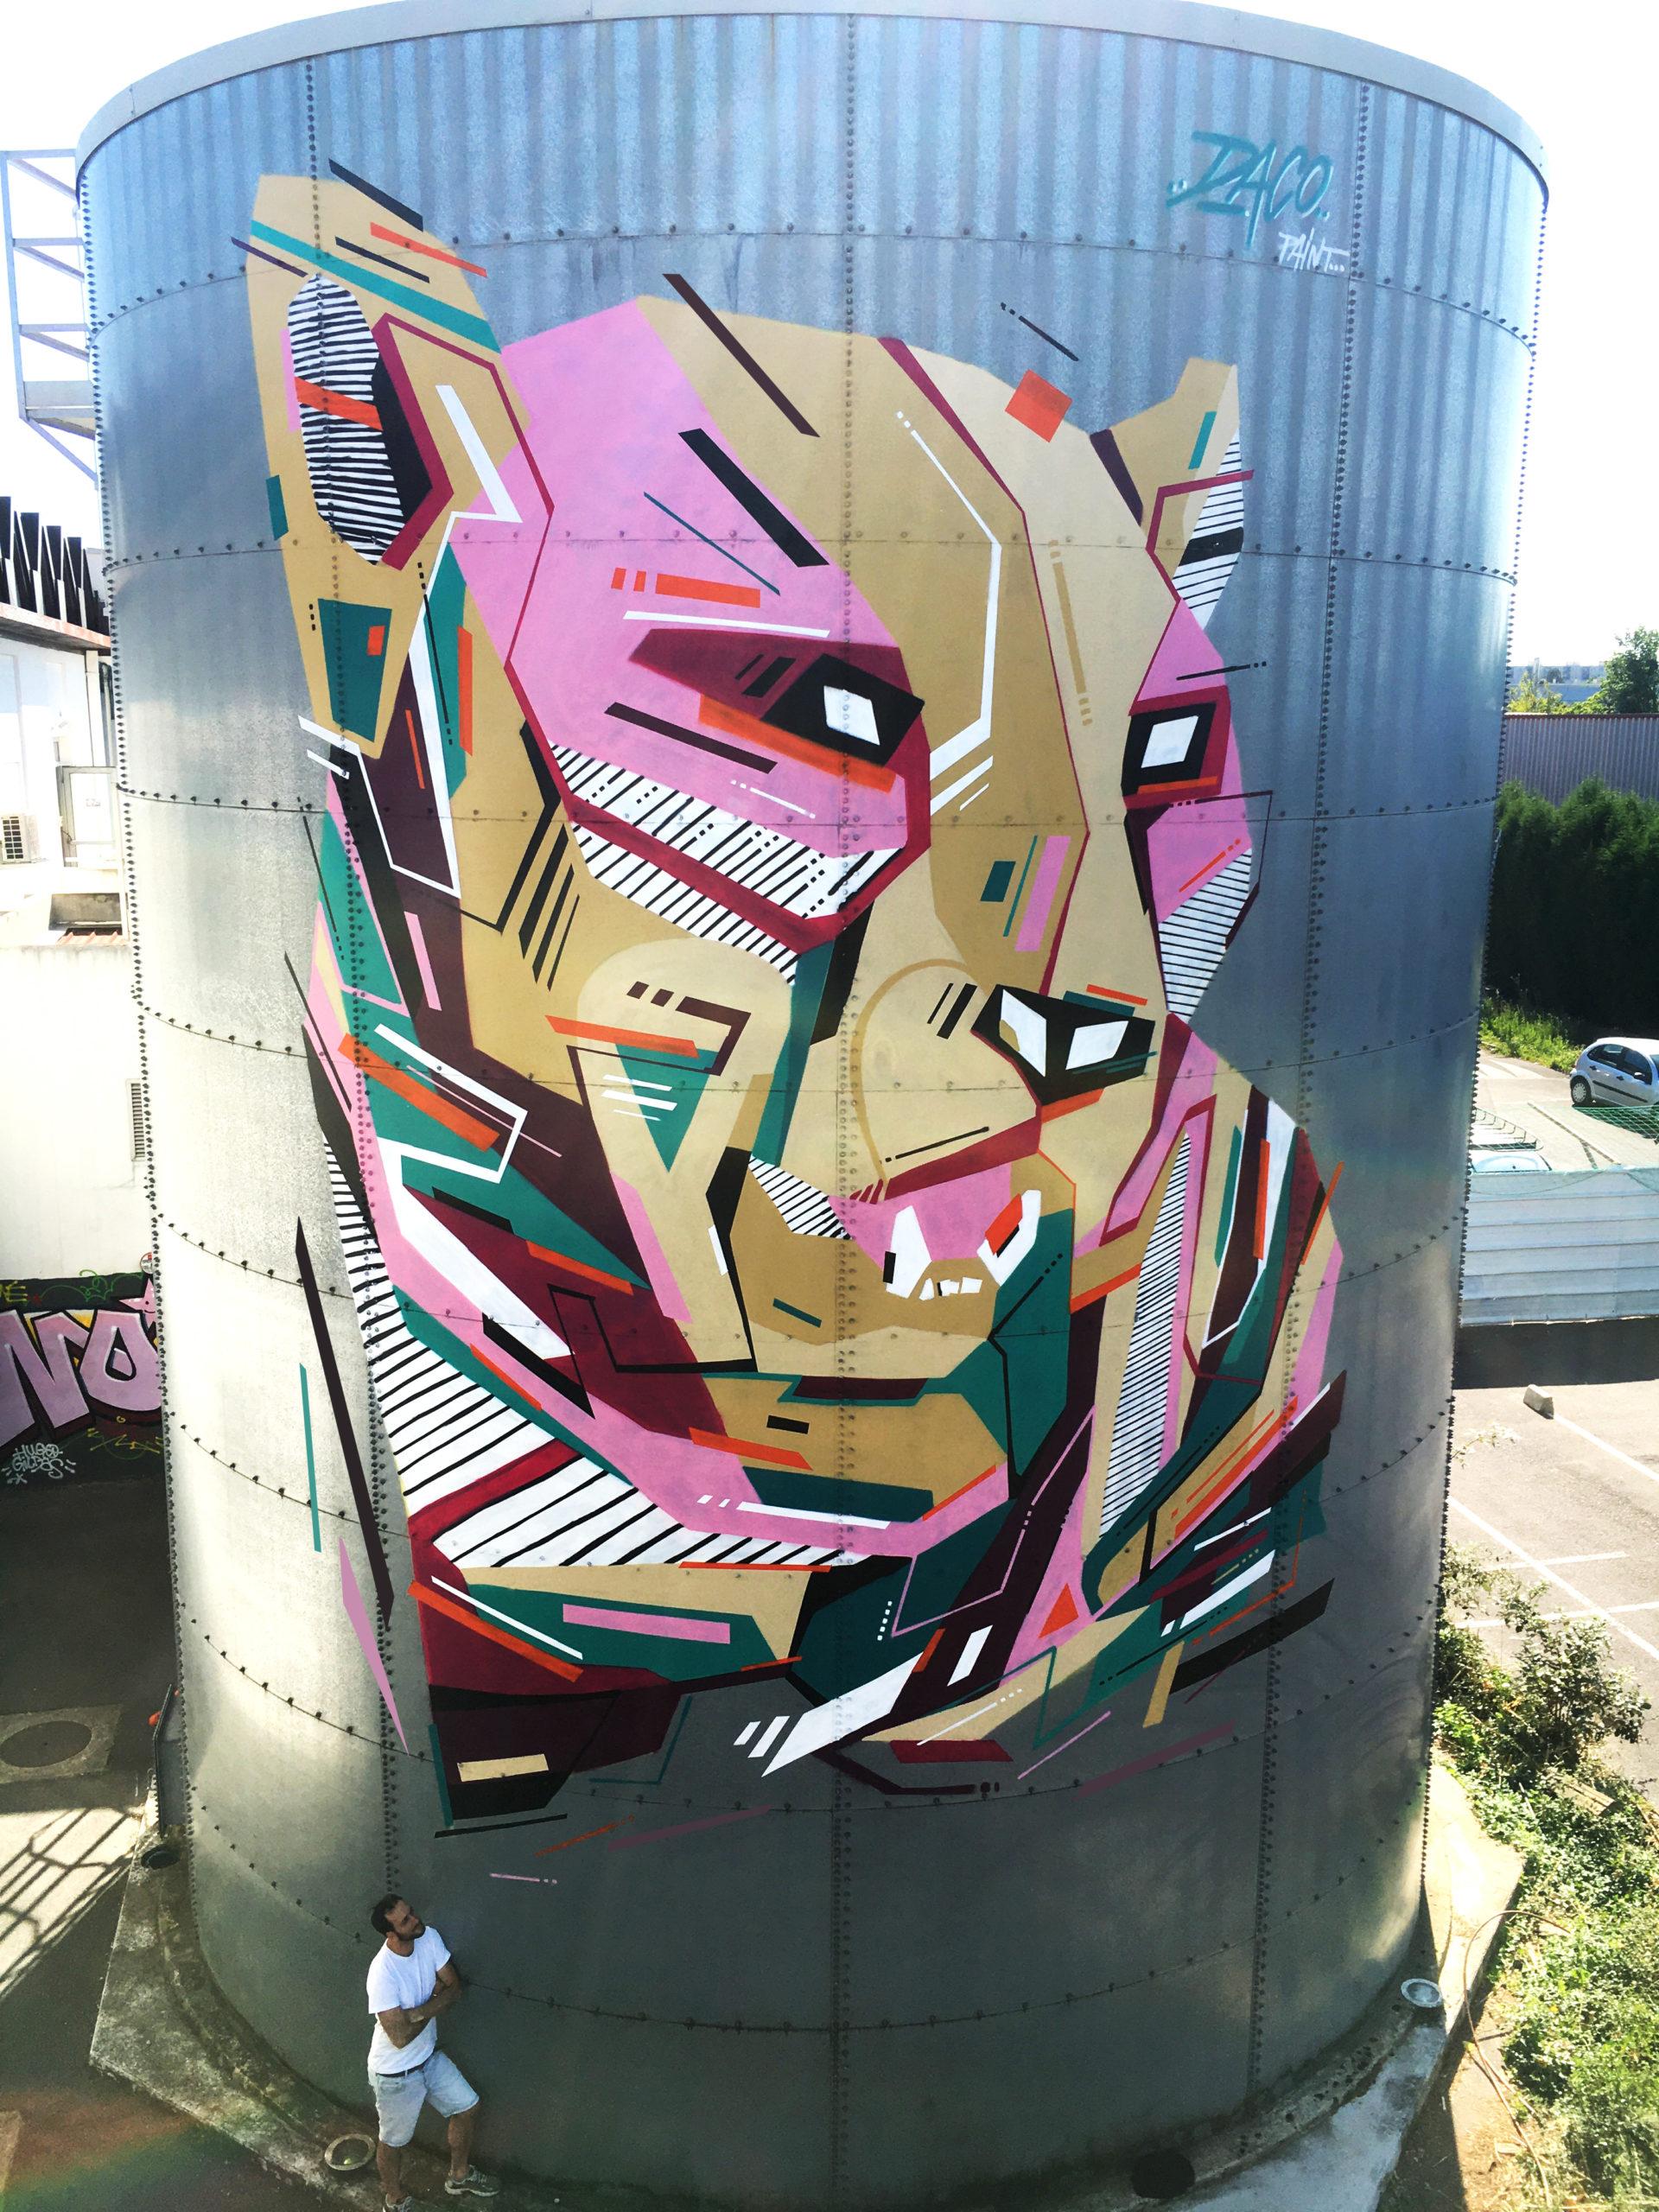 Fresque Graffaune Graffiti Léopard réalisée par Daco sur une cuve